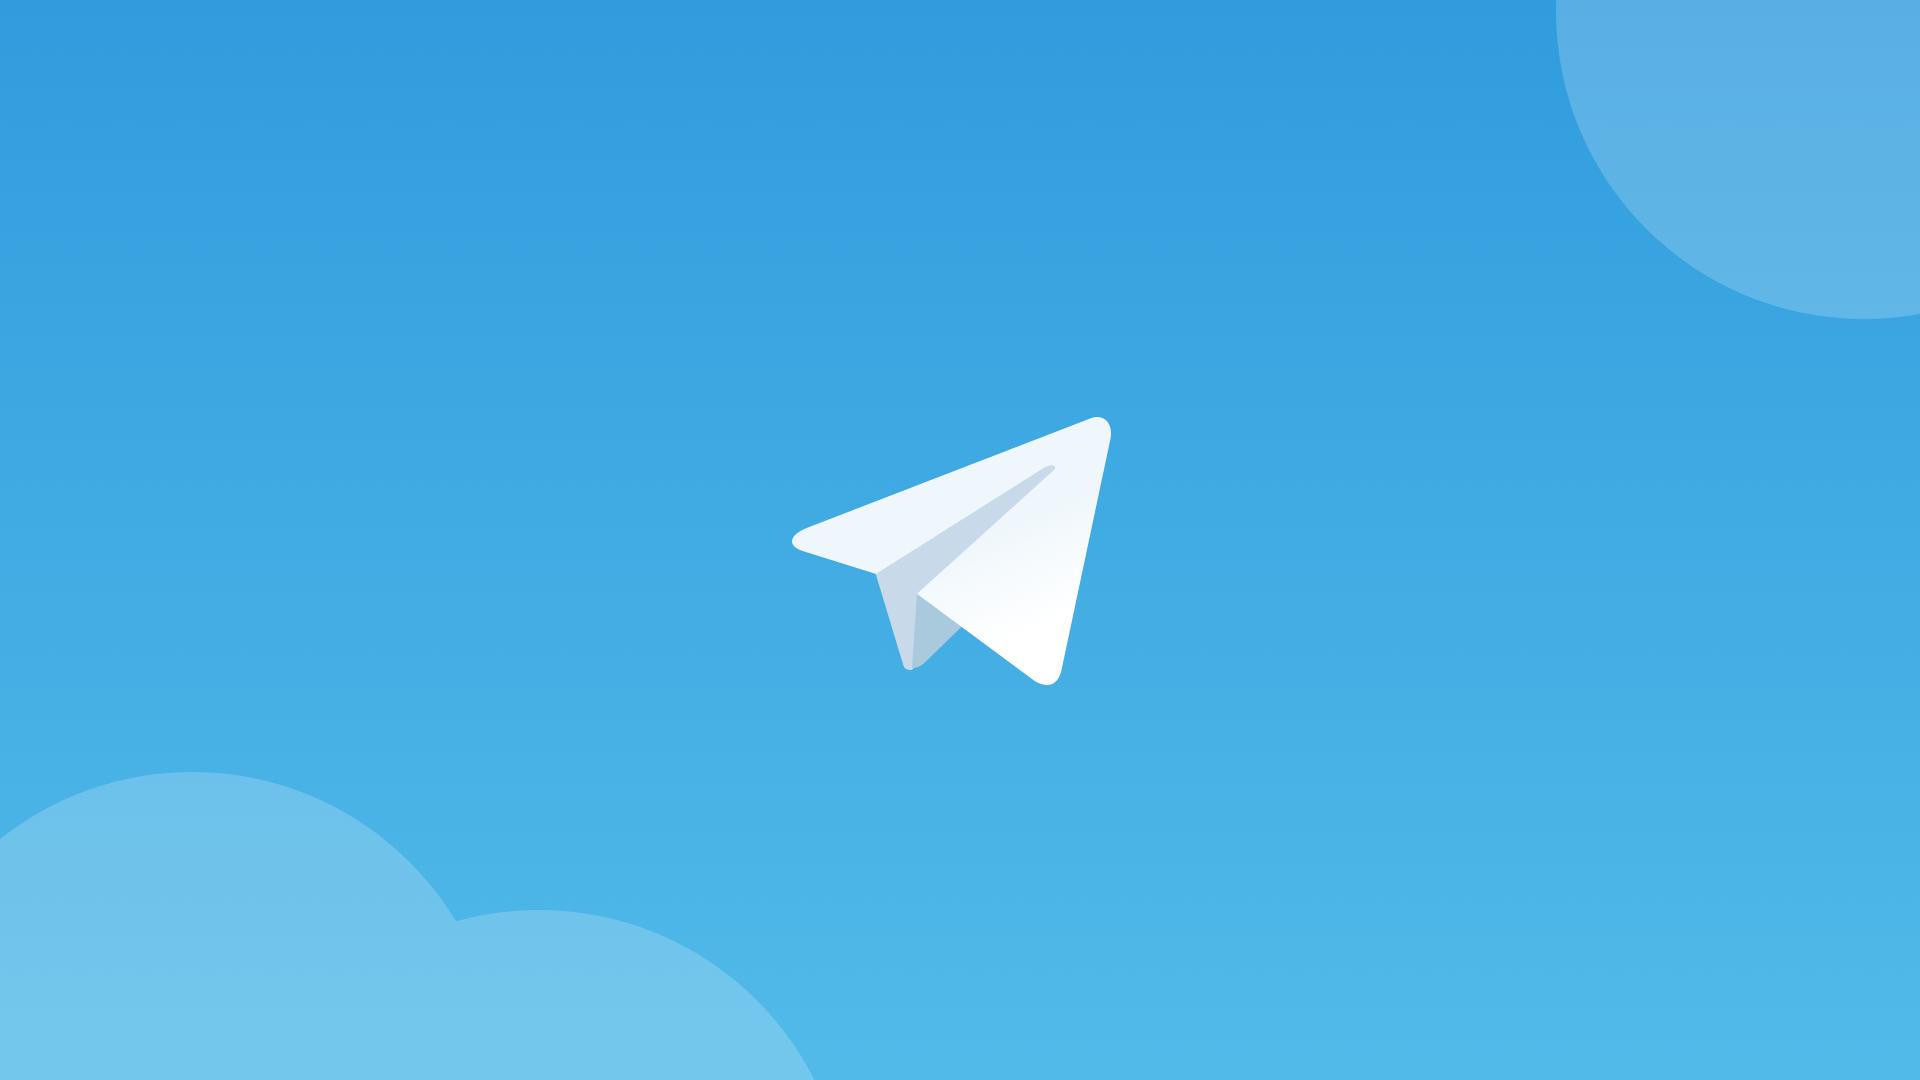 Телеграм канал «Мінінстерство дверей»